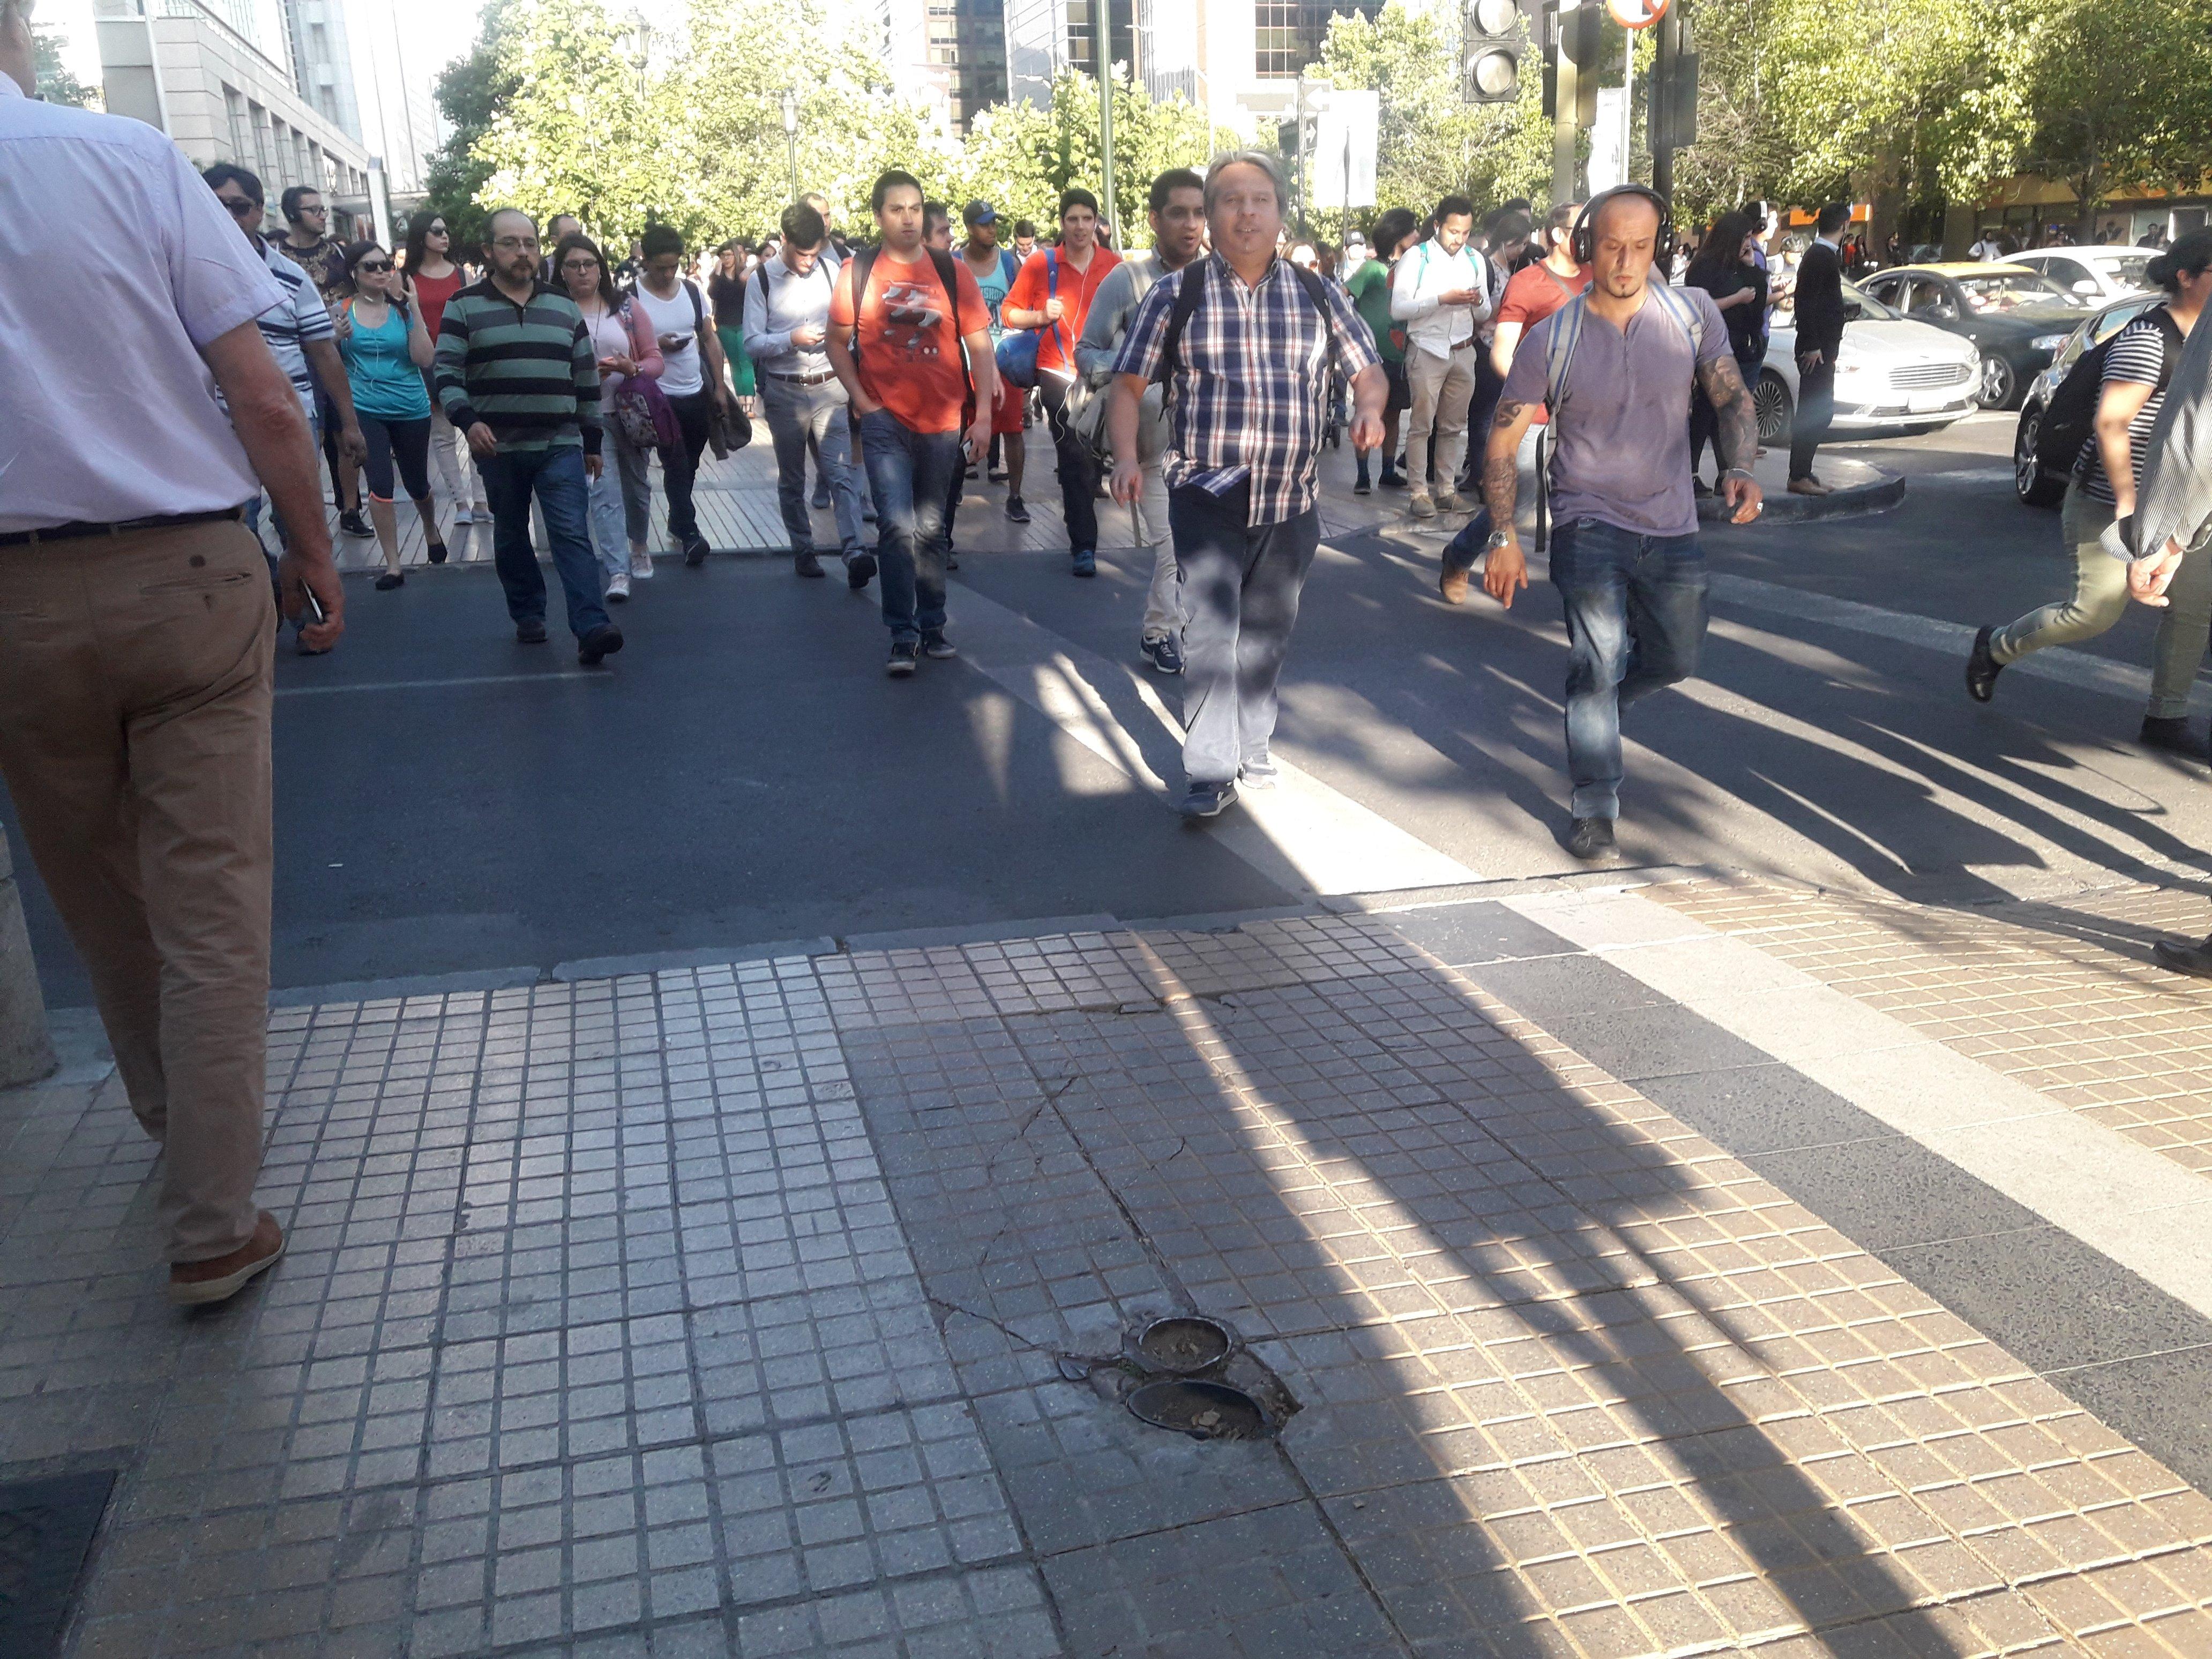 gran cantidad de peatones circulando por una vereda de las condes